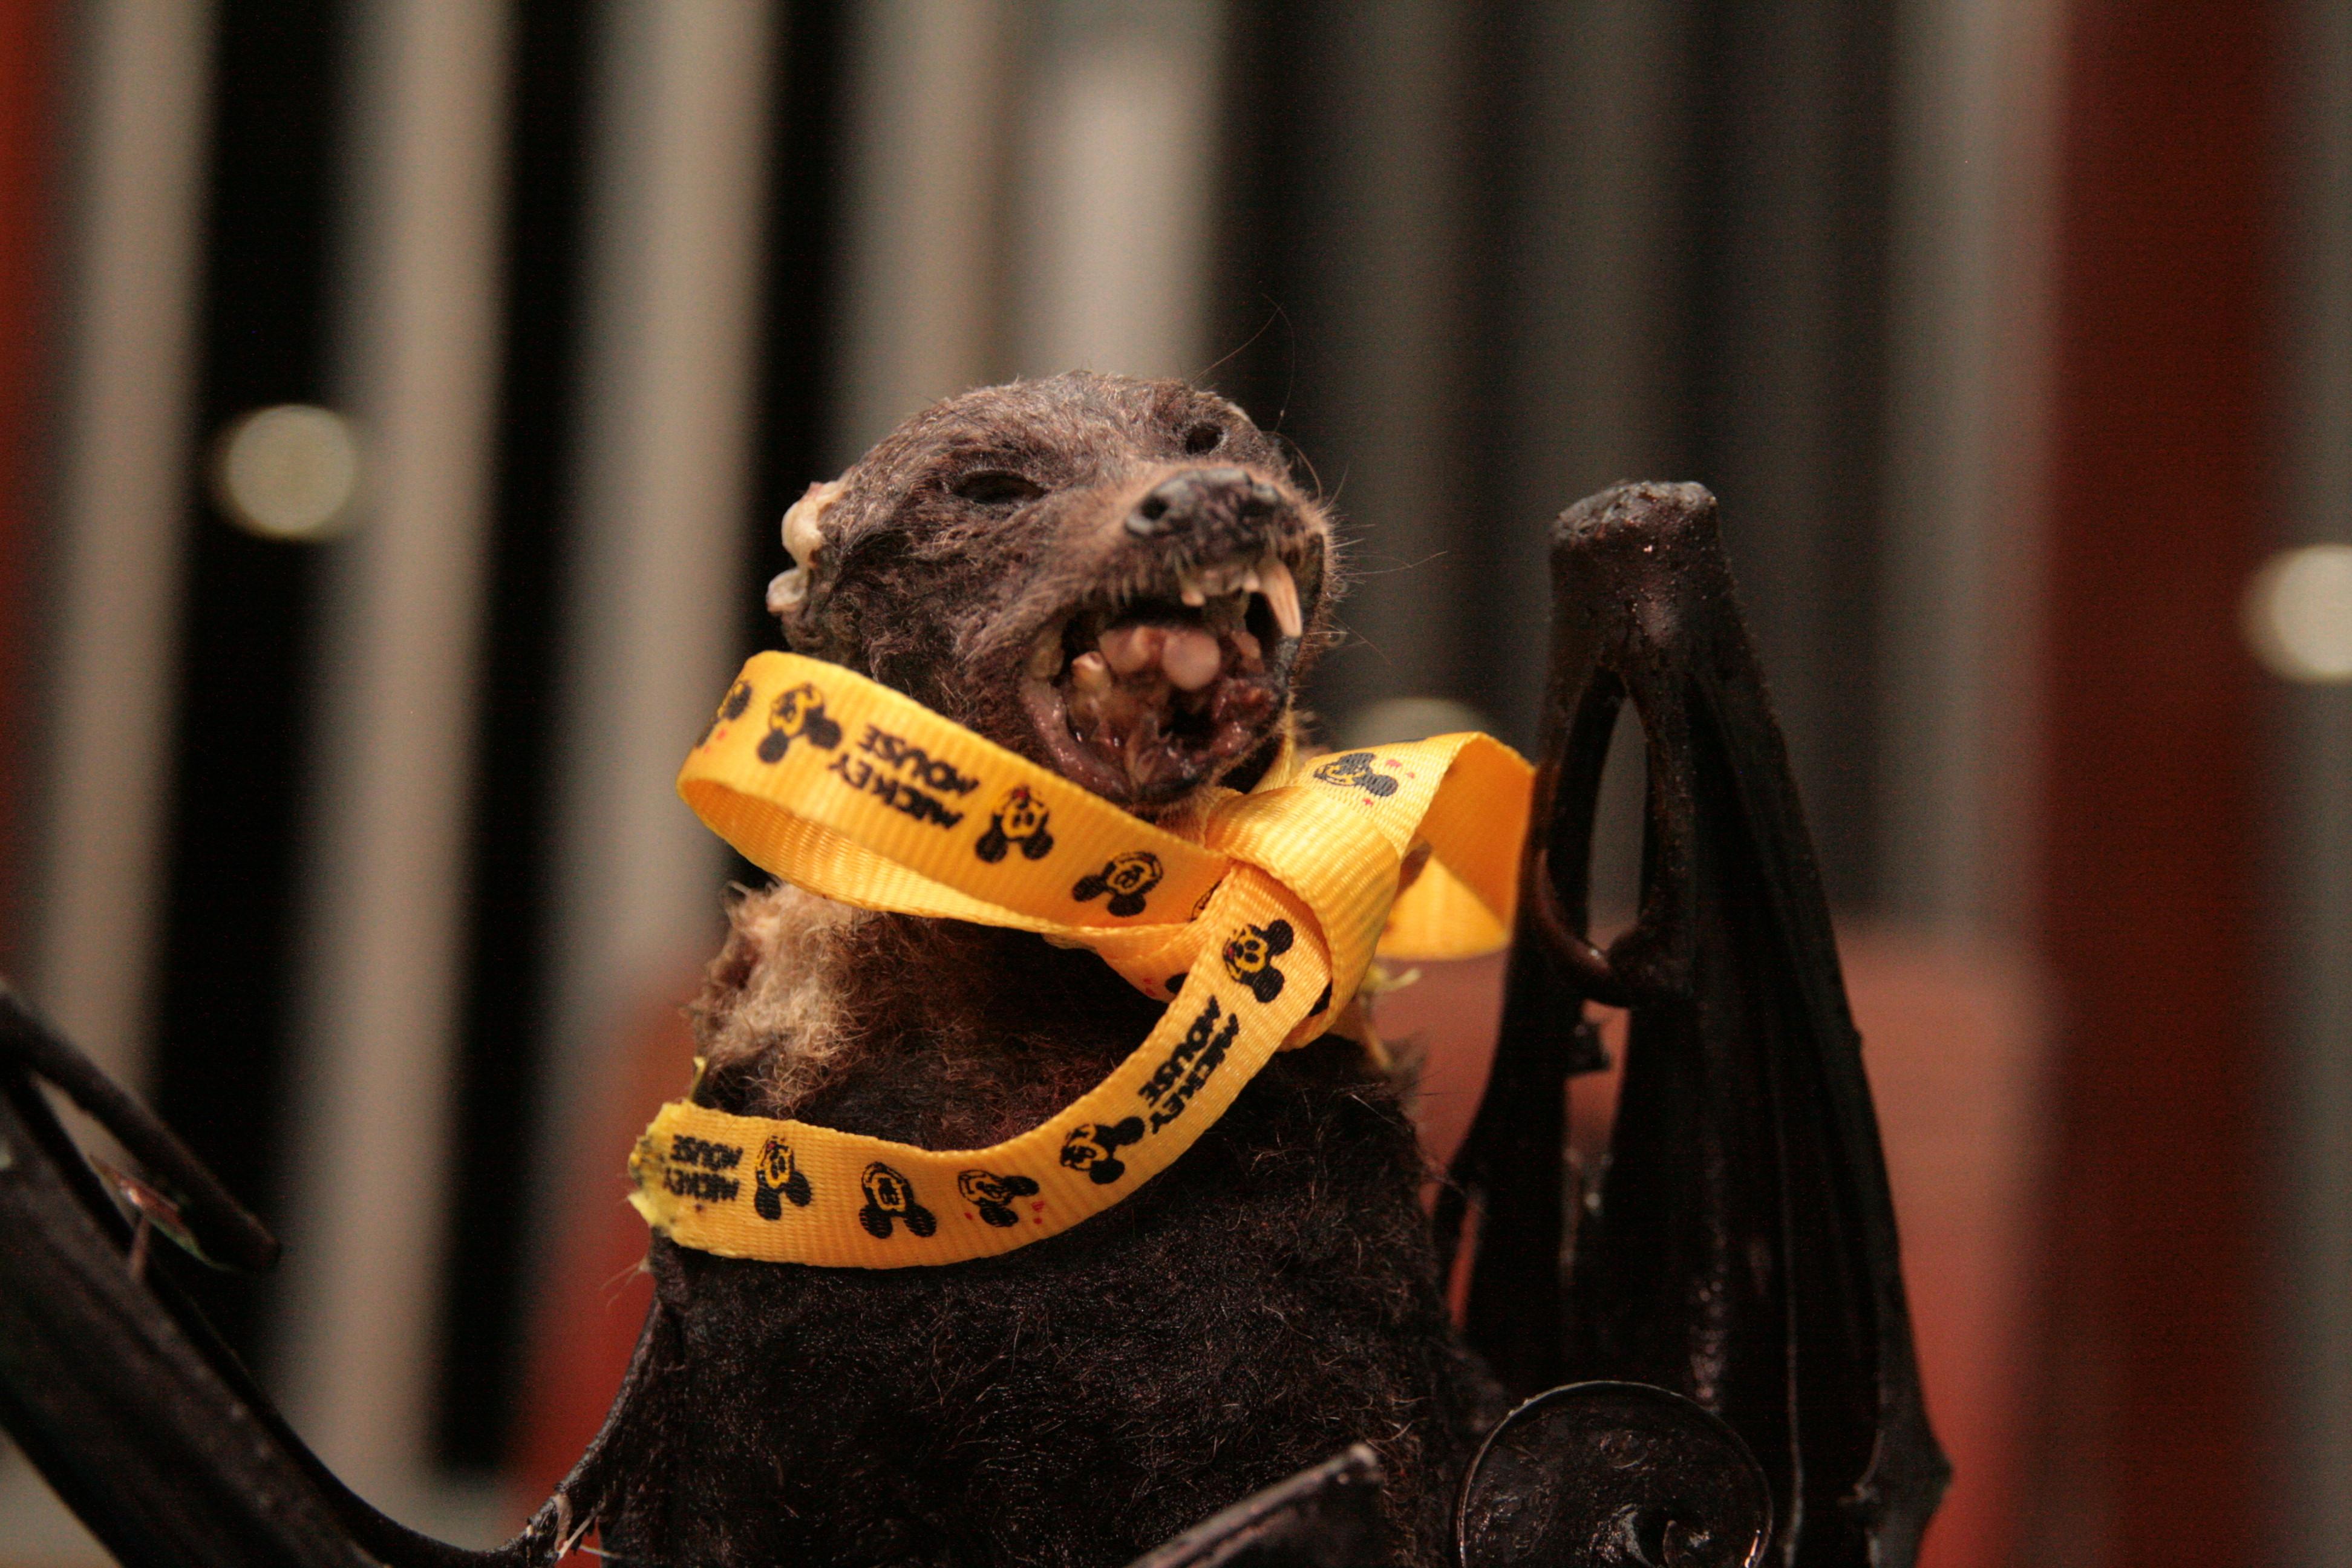 Eine fruit bat - ein Flughund, hier zu Vorzeigezwecken von dem Gastronom mit einem Schleifchen versehen